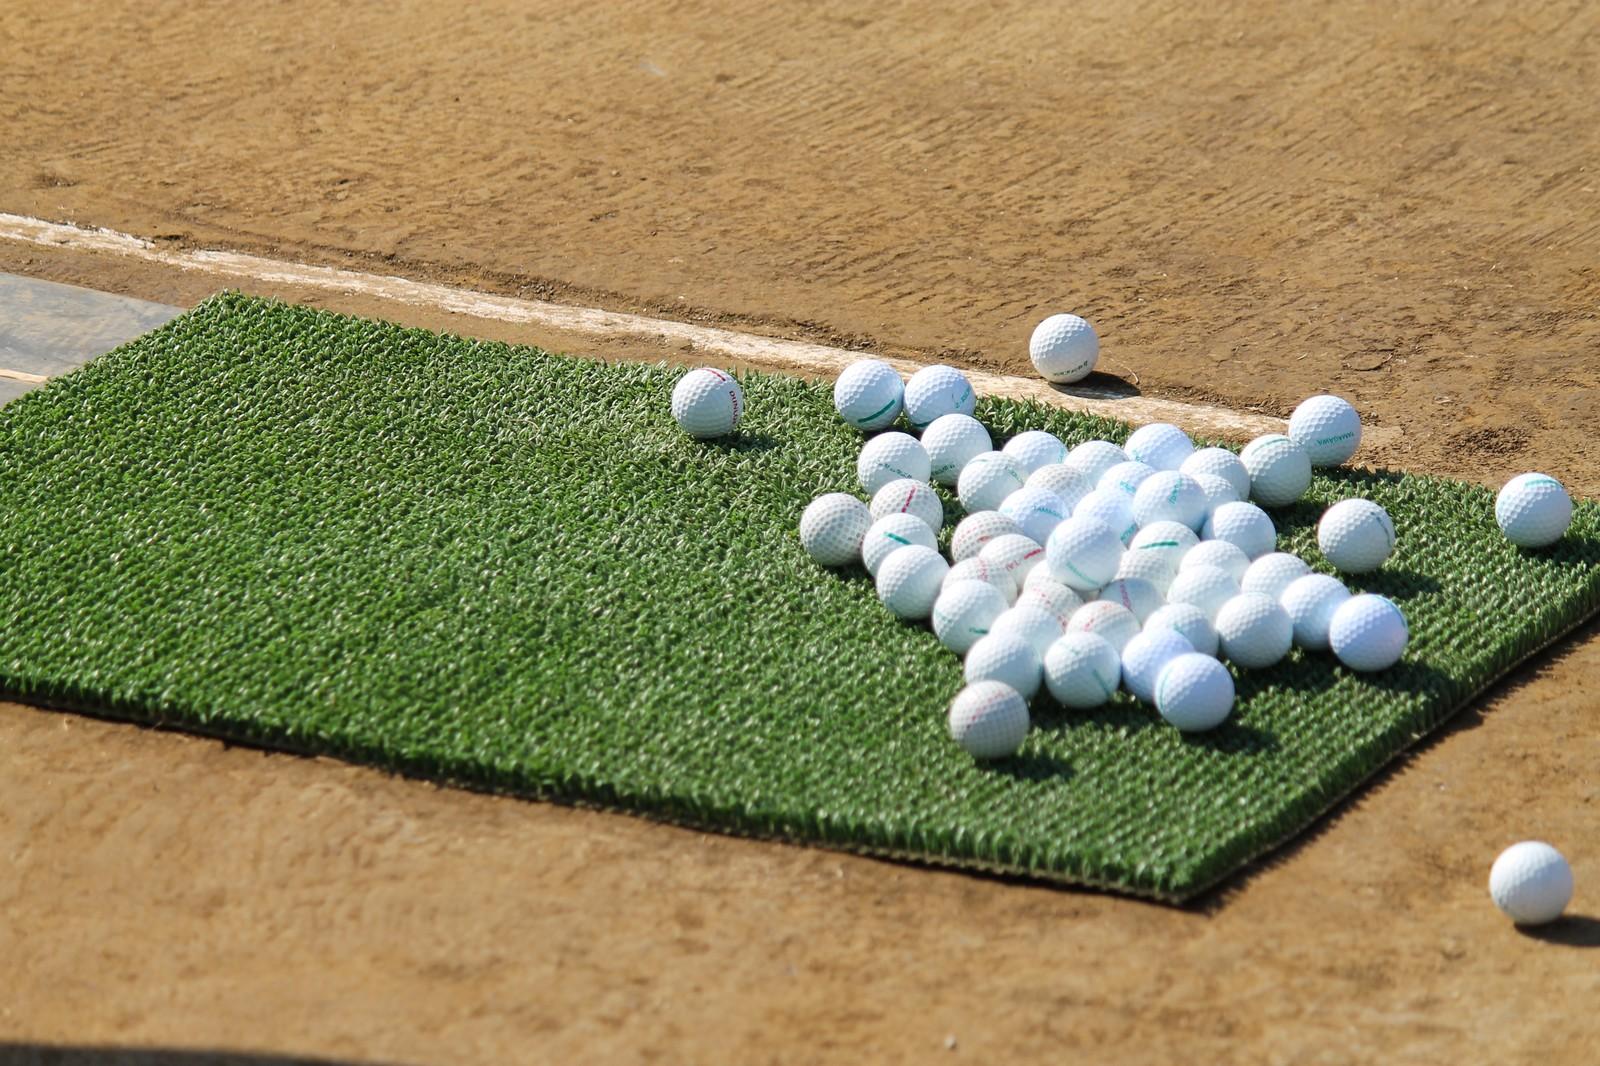 転勤族はゴルフセットも2台持ち。欲望を満たすためには出費が必要。